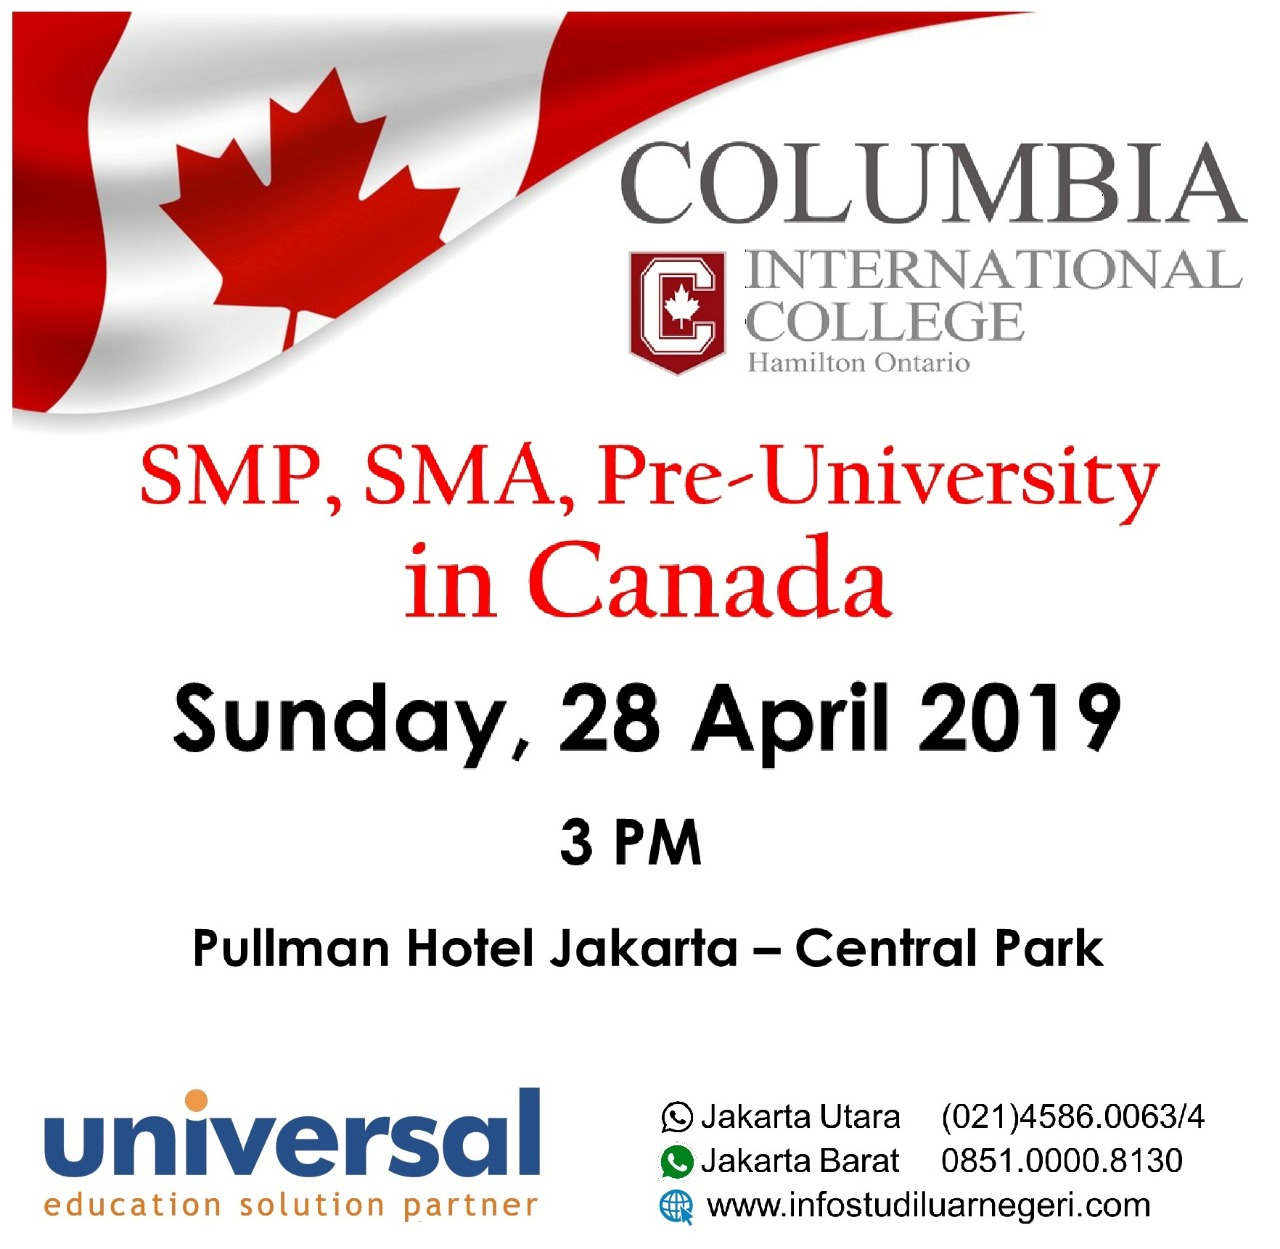 SMP, SMA, pre-Univ in Canada